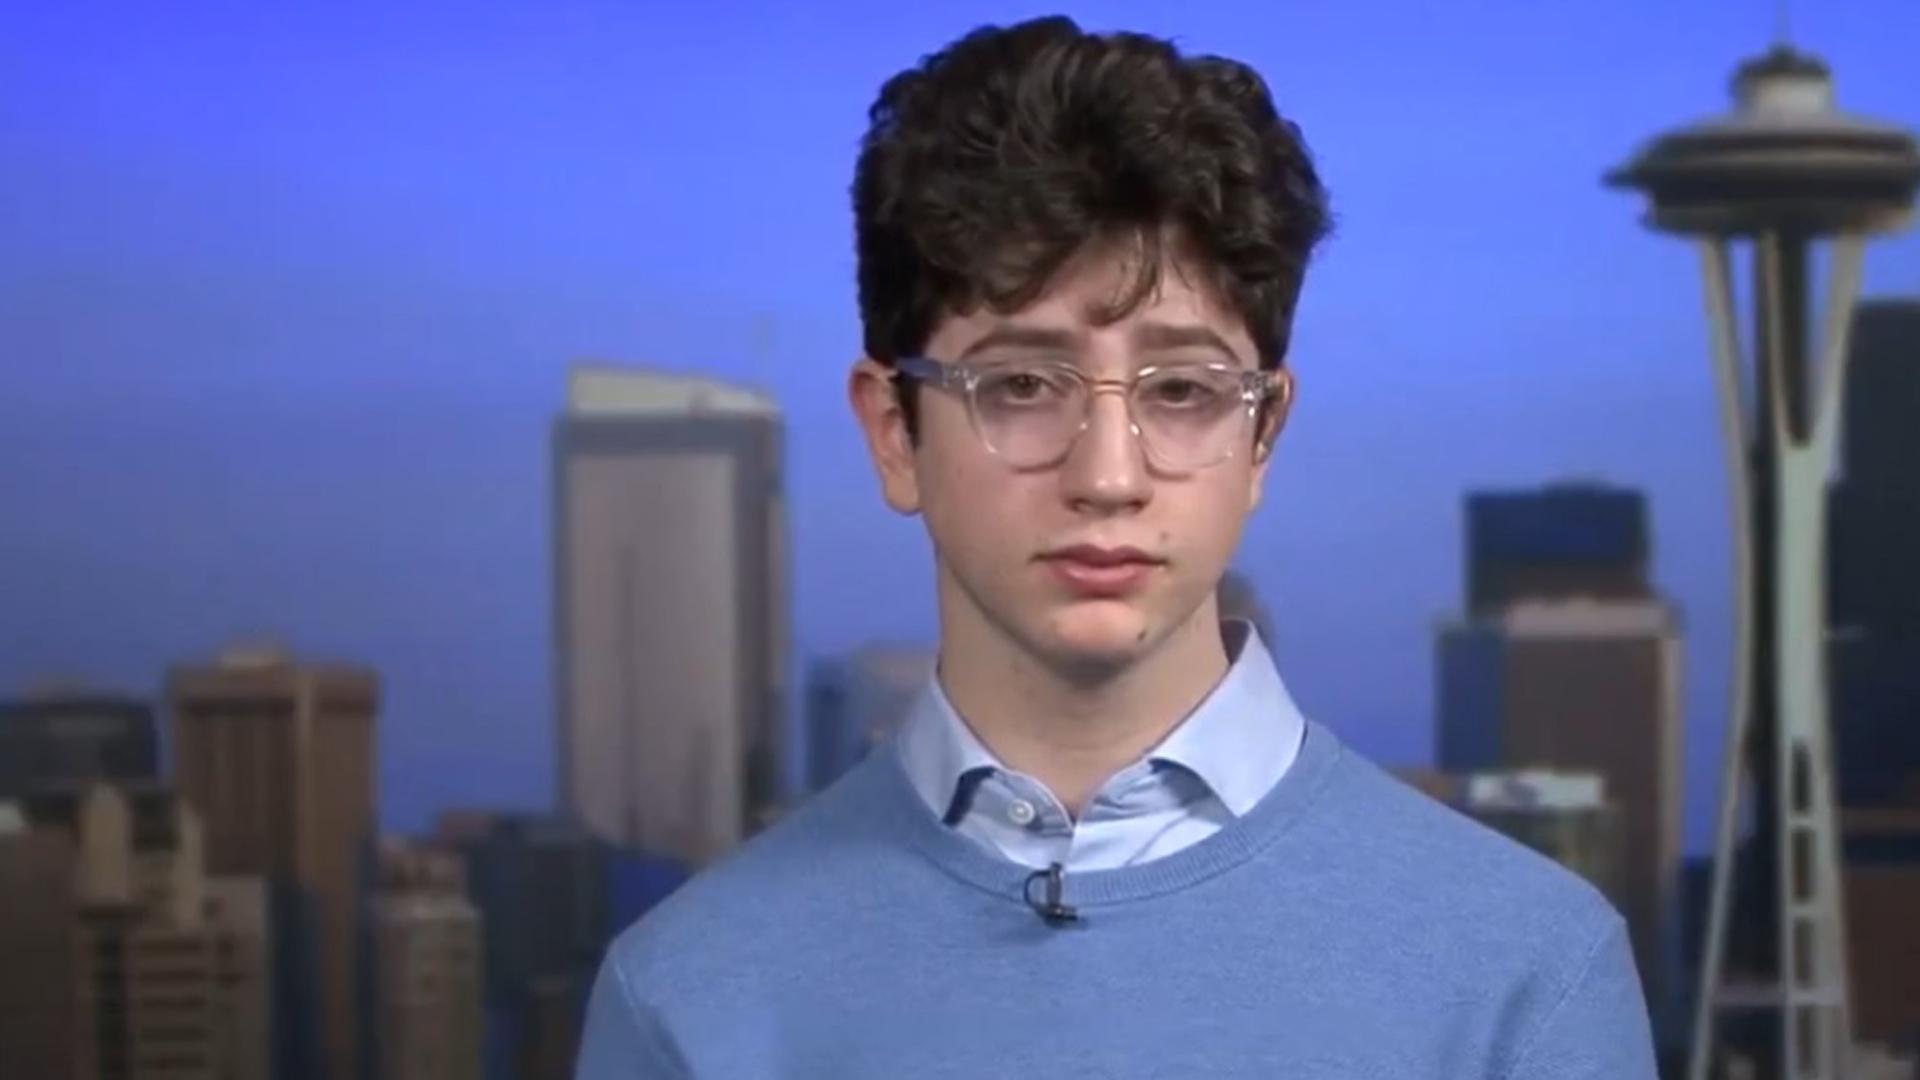 Avi Schiffmann, un adolescente de diecisiete años del estado de Washington, , ncov2019.live, que arroja datos en tiempo real y se convirtió en la fuente más consultada del mundo sobre el coronavirus. Foto: Archivo DEF.